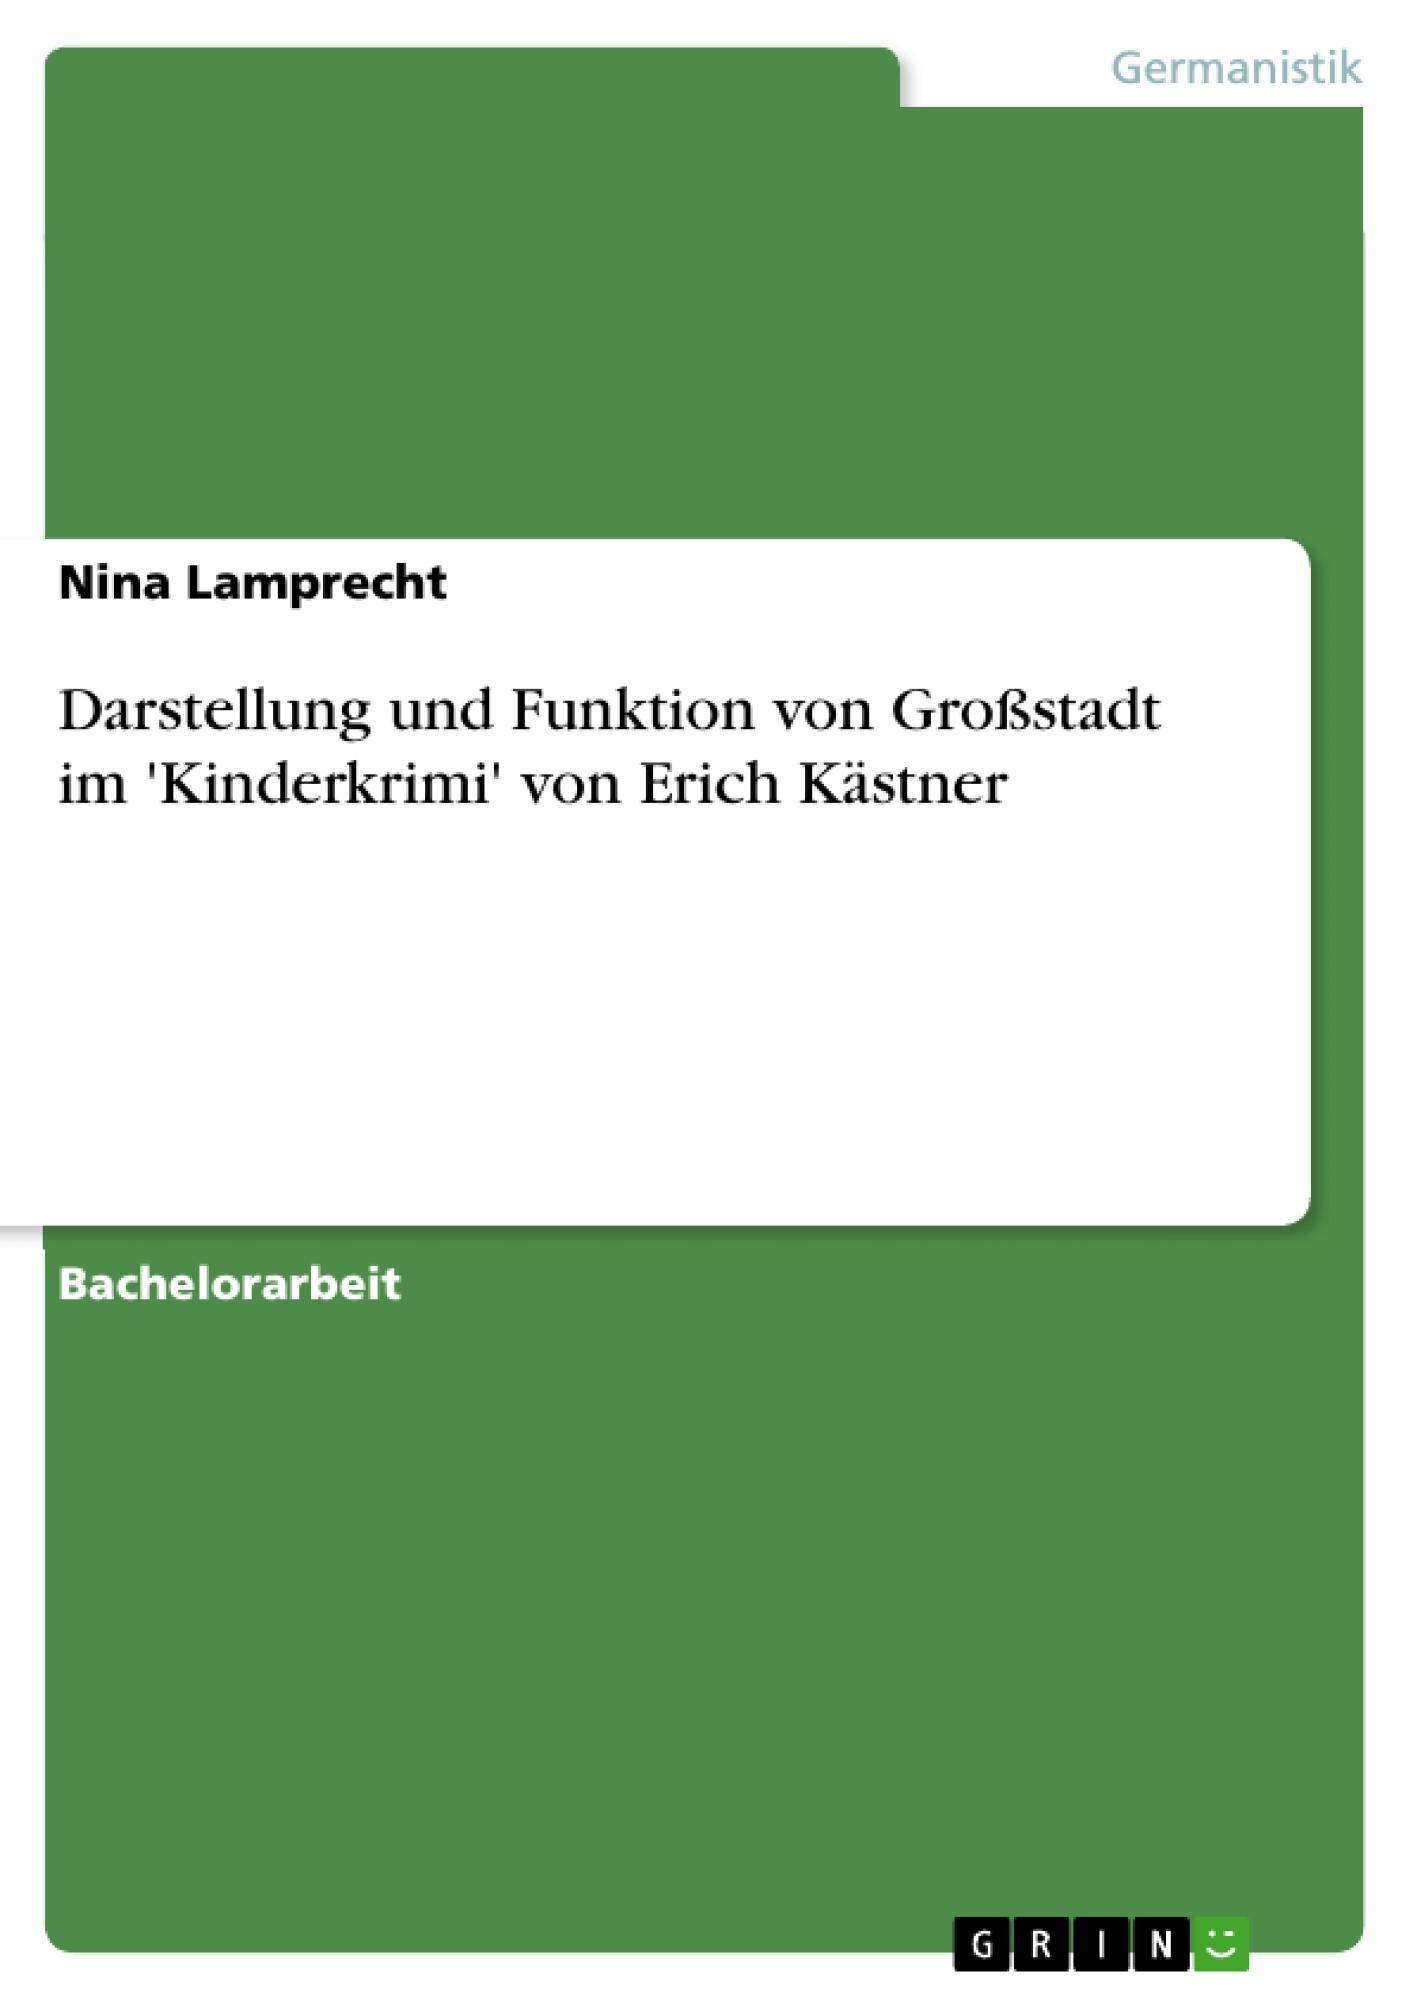 Titel: Darstellung und Funktion von Großstadt im 'Kinderkrimi' von Erich Kästner